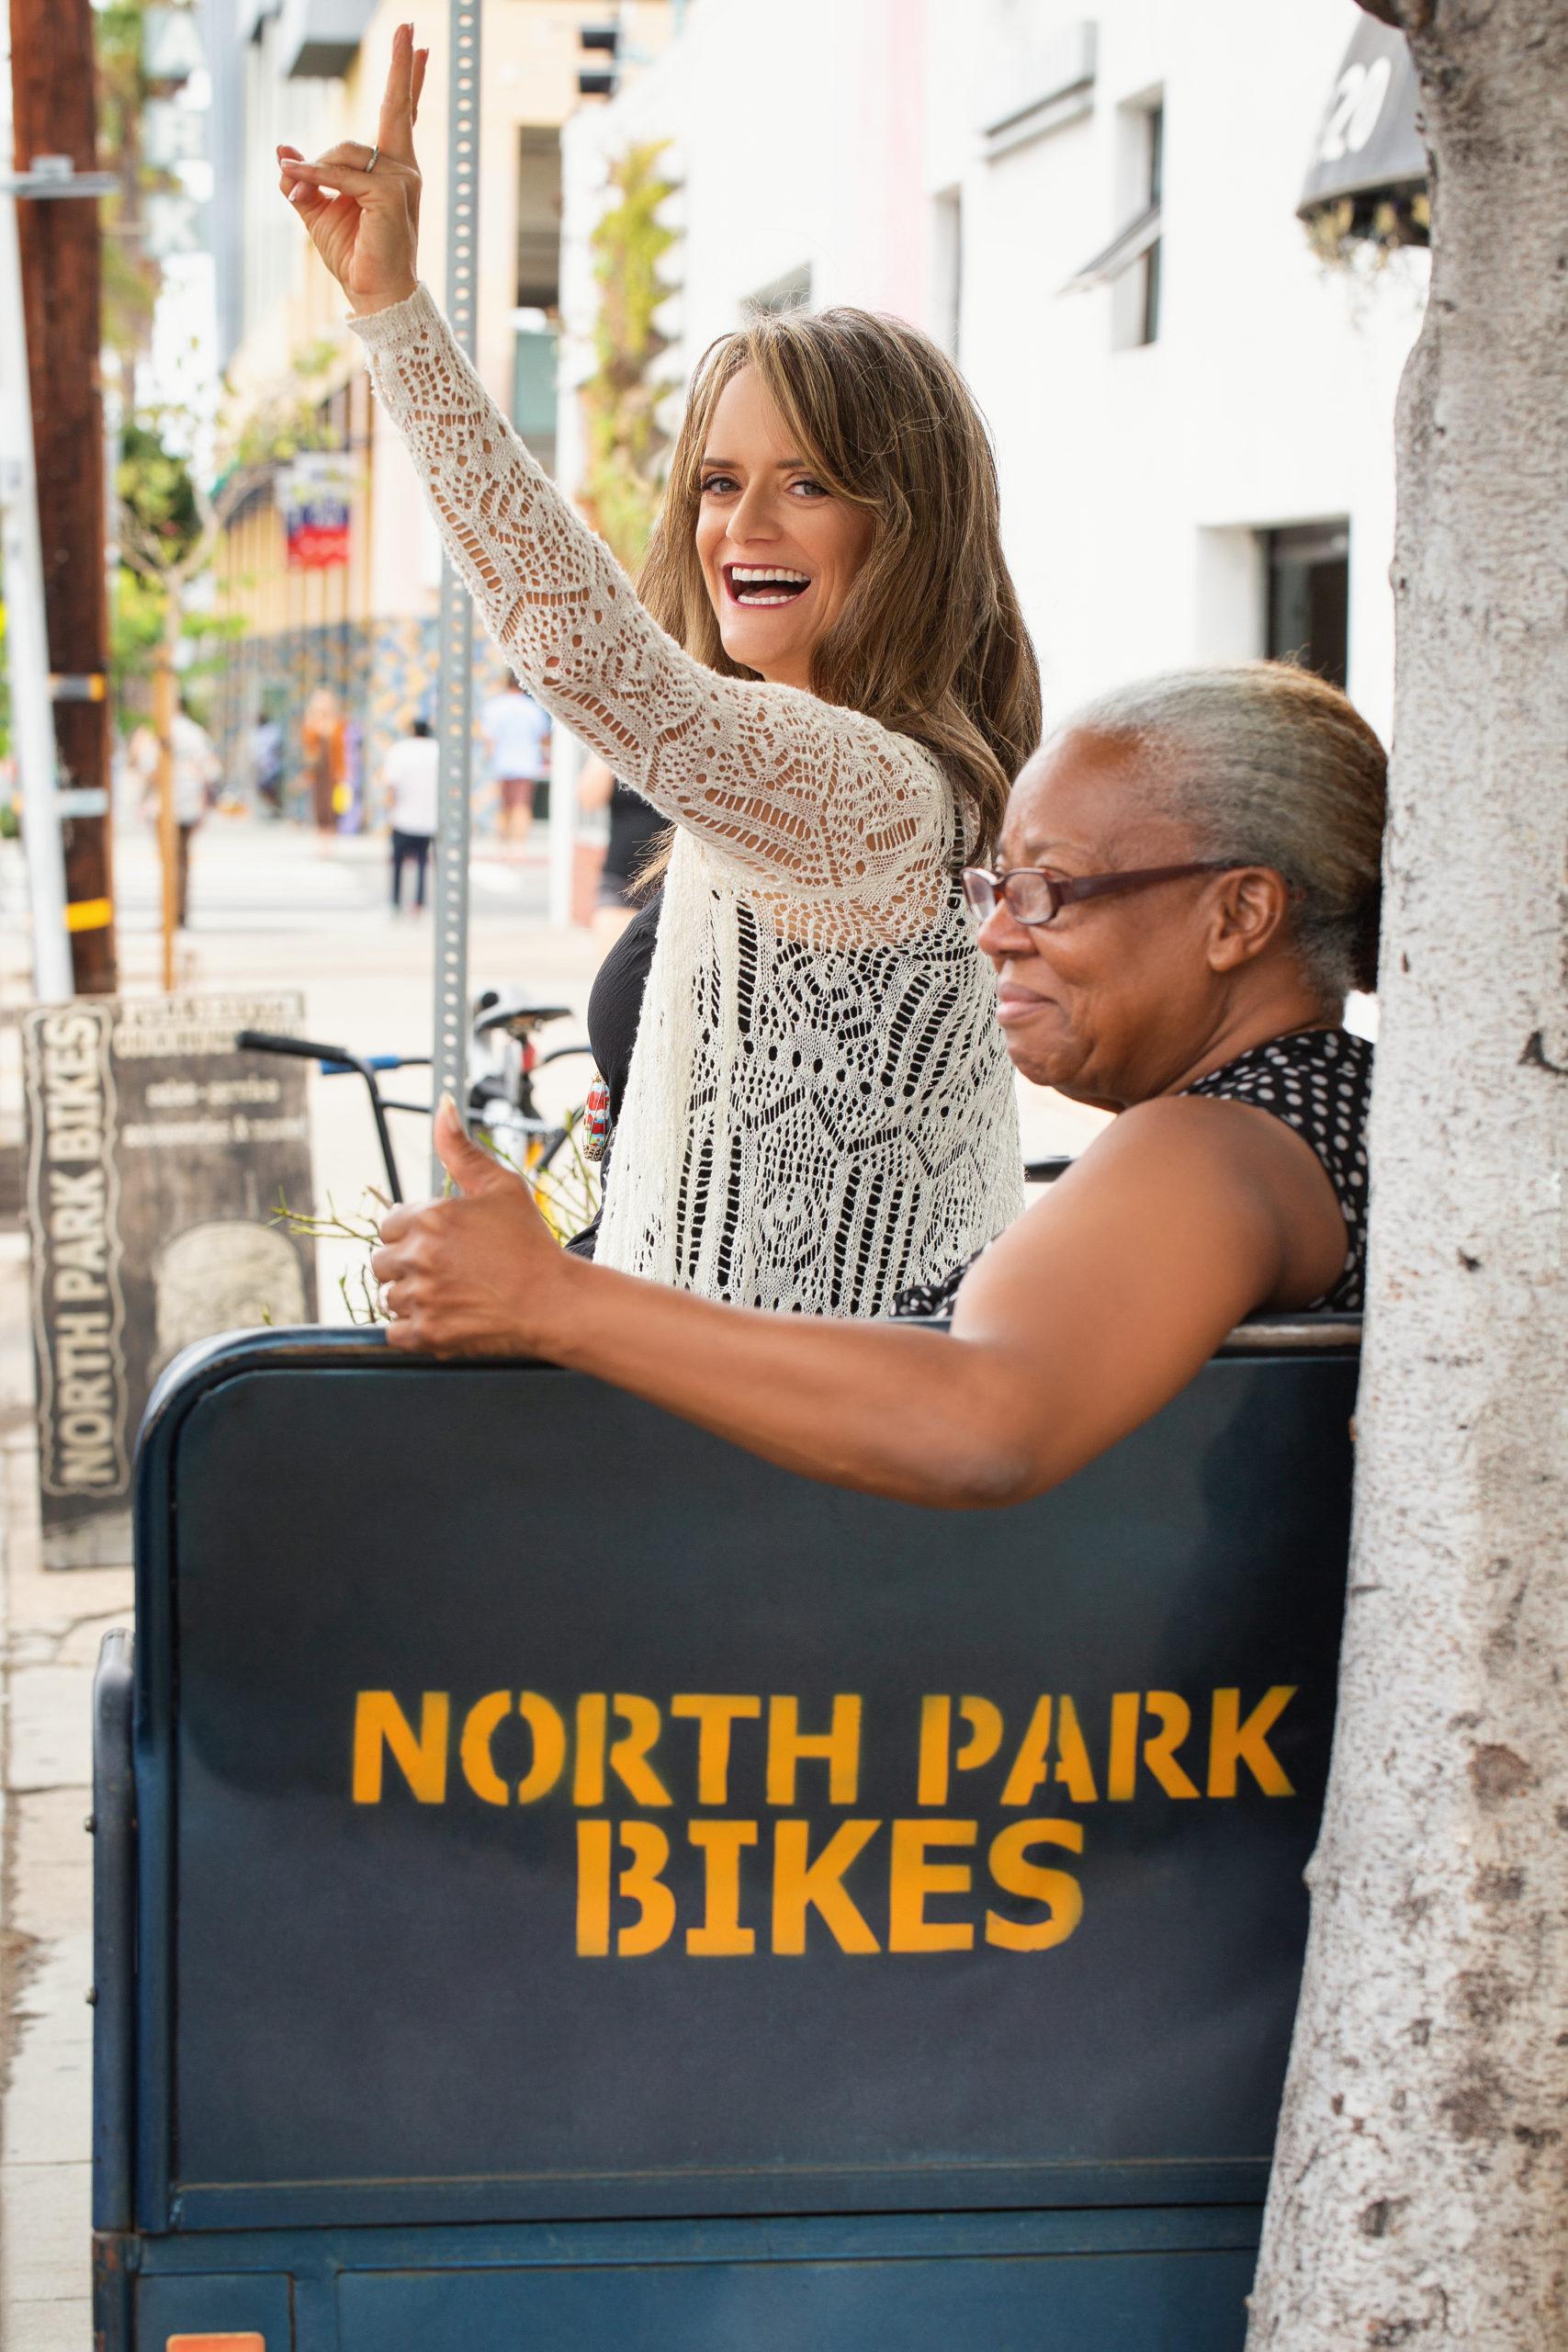 North Park Bikes in San Diego